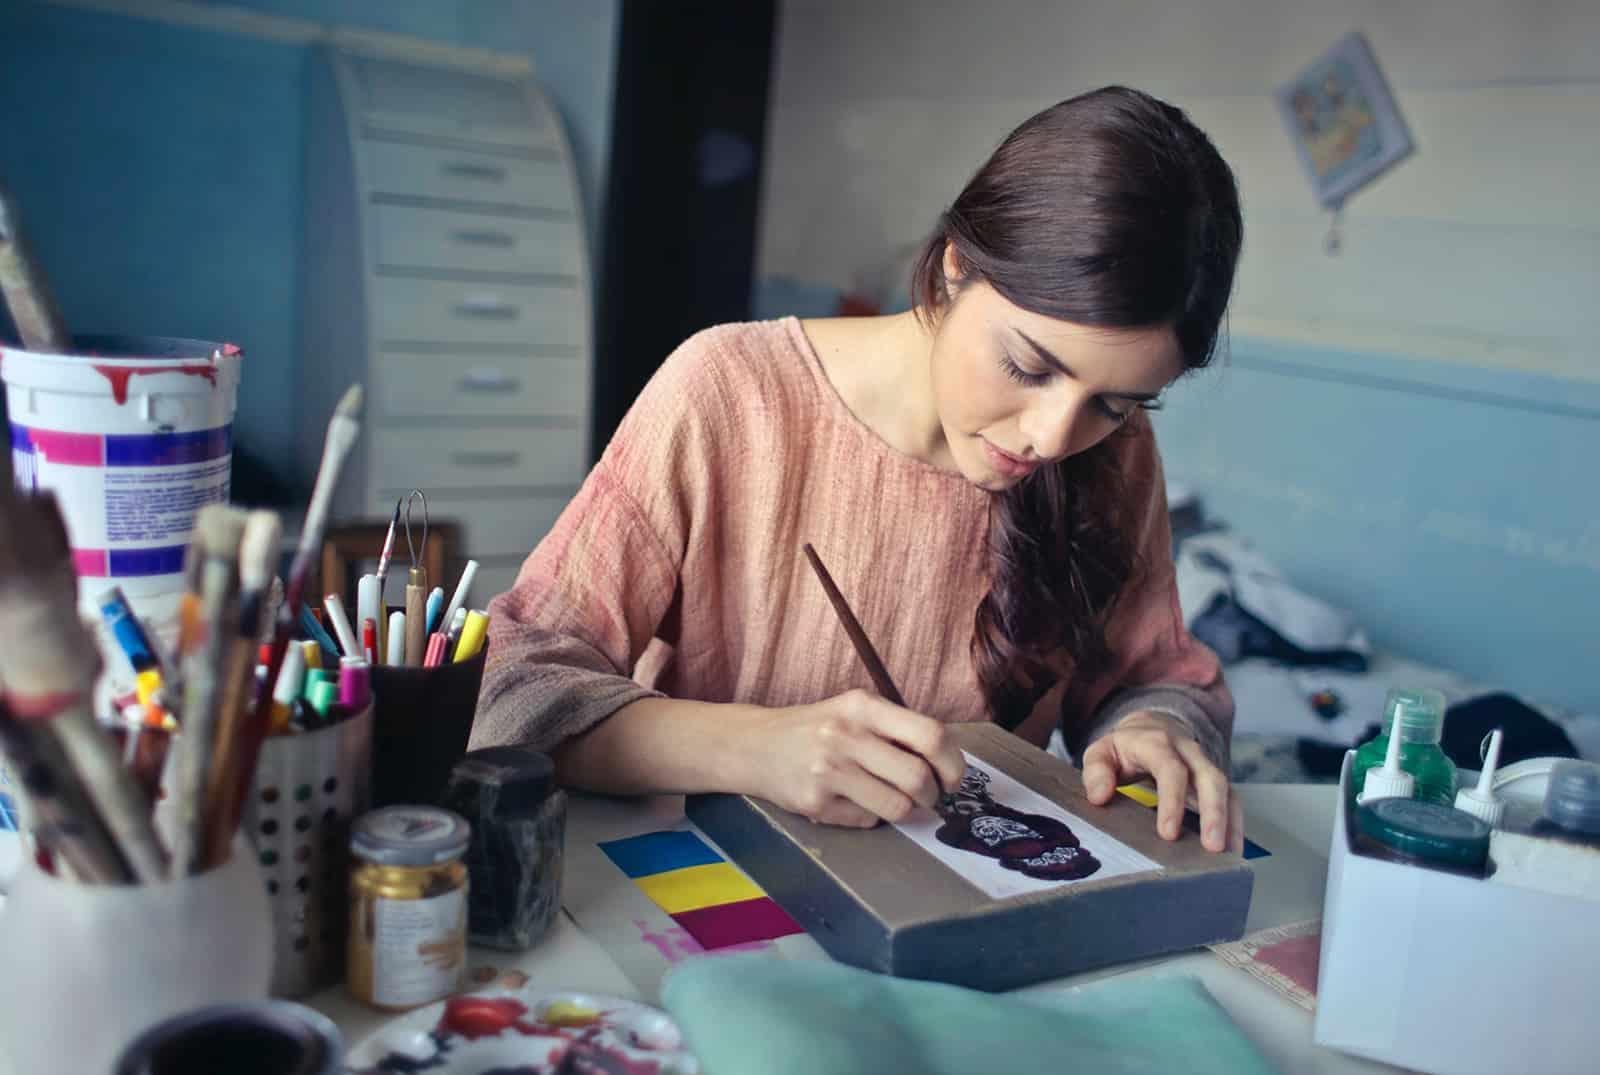 eine Frau, die mit einem Pinsel am Tisch malt